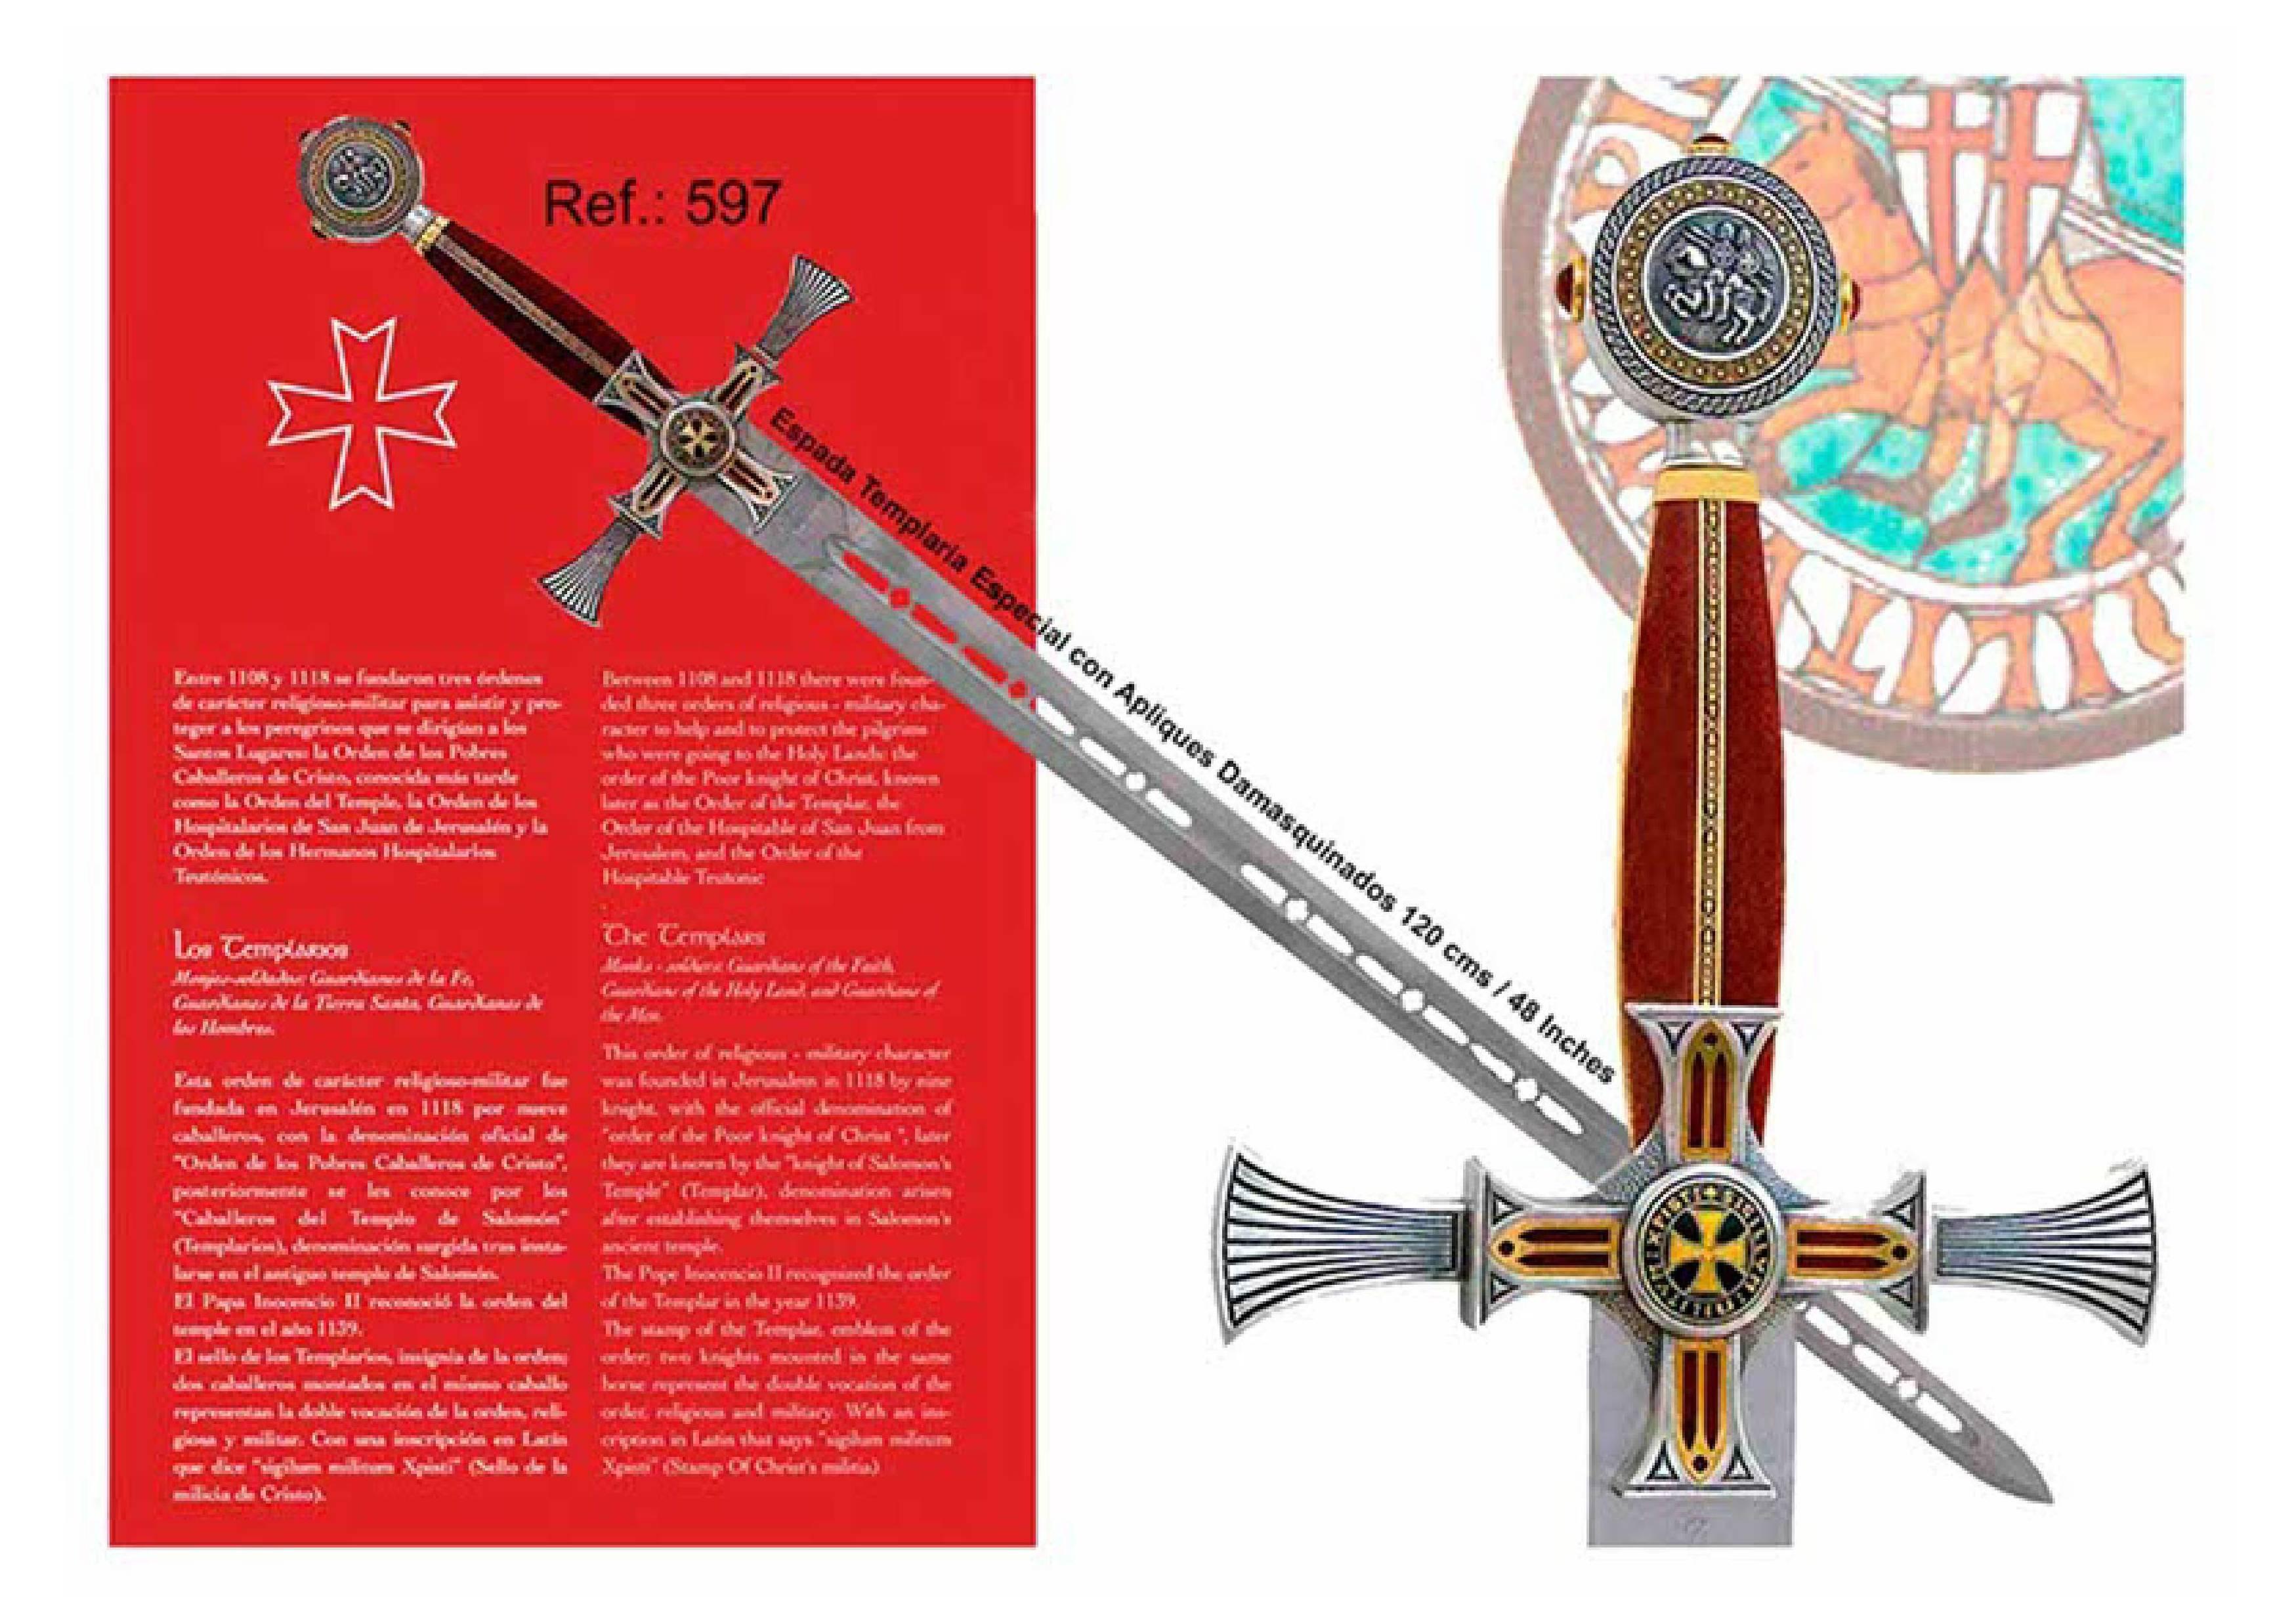 Gran Maese Templaria: Productos  de Aceros de Toletvm